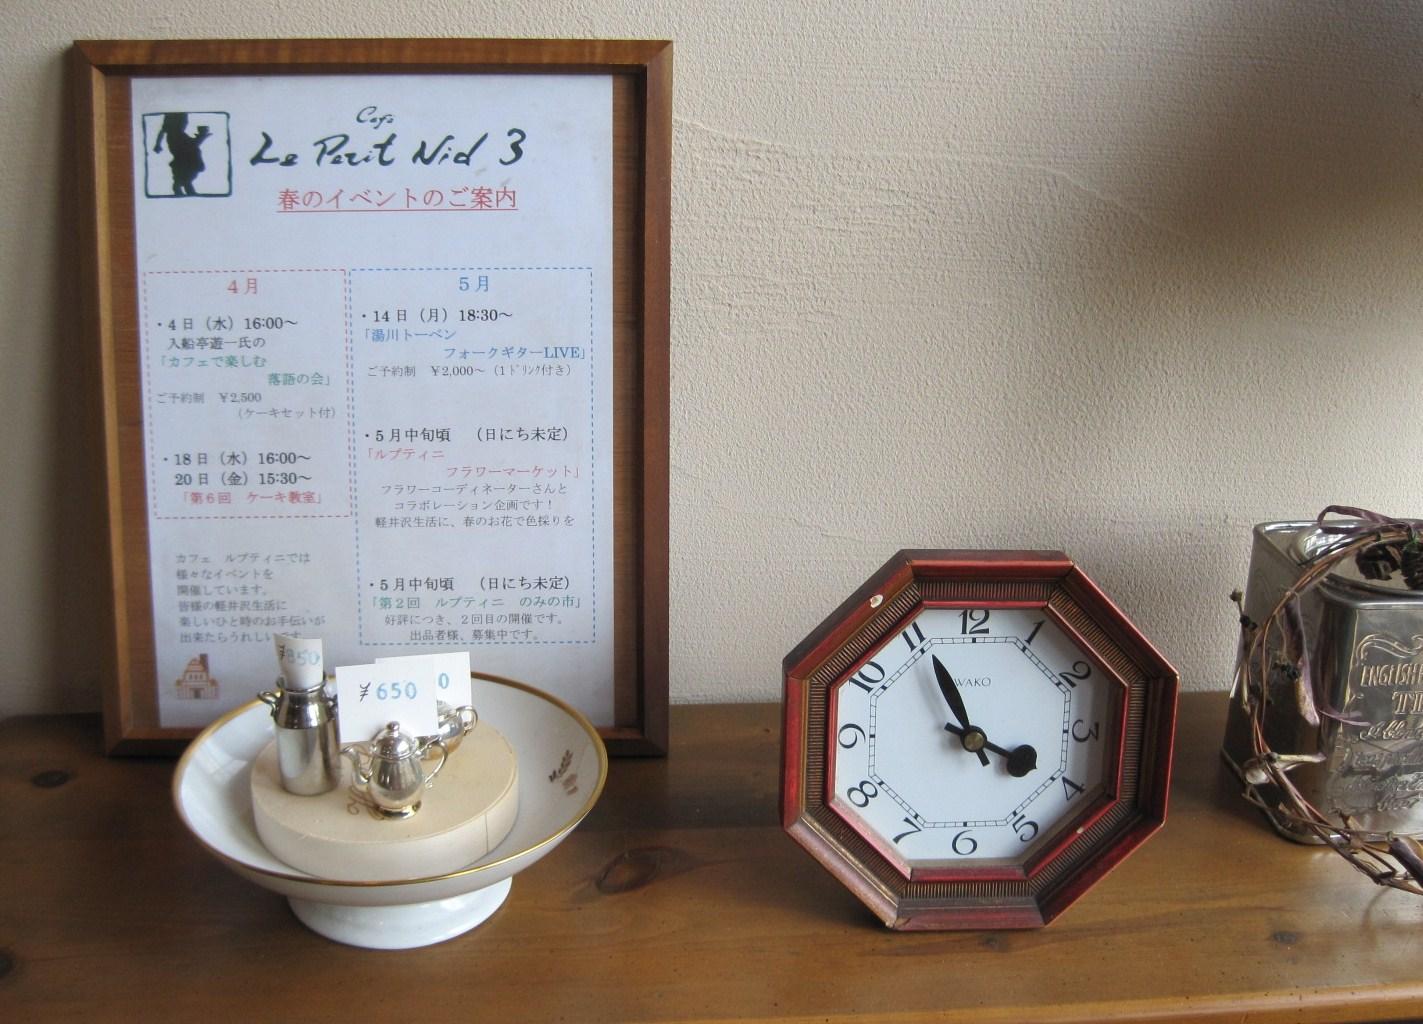 お菓子教室 @ Cafe Le Petit Nid 3 _f0236260_23213858.jpg